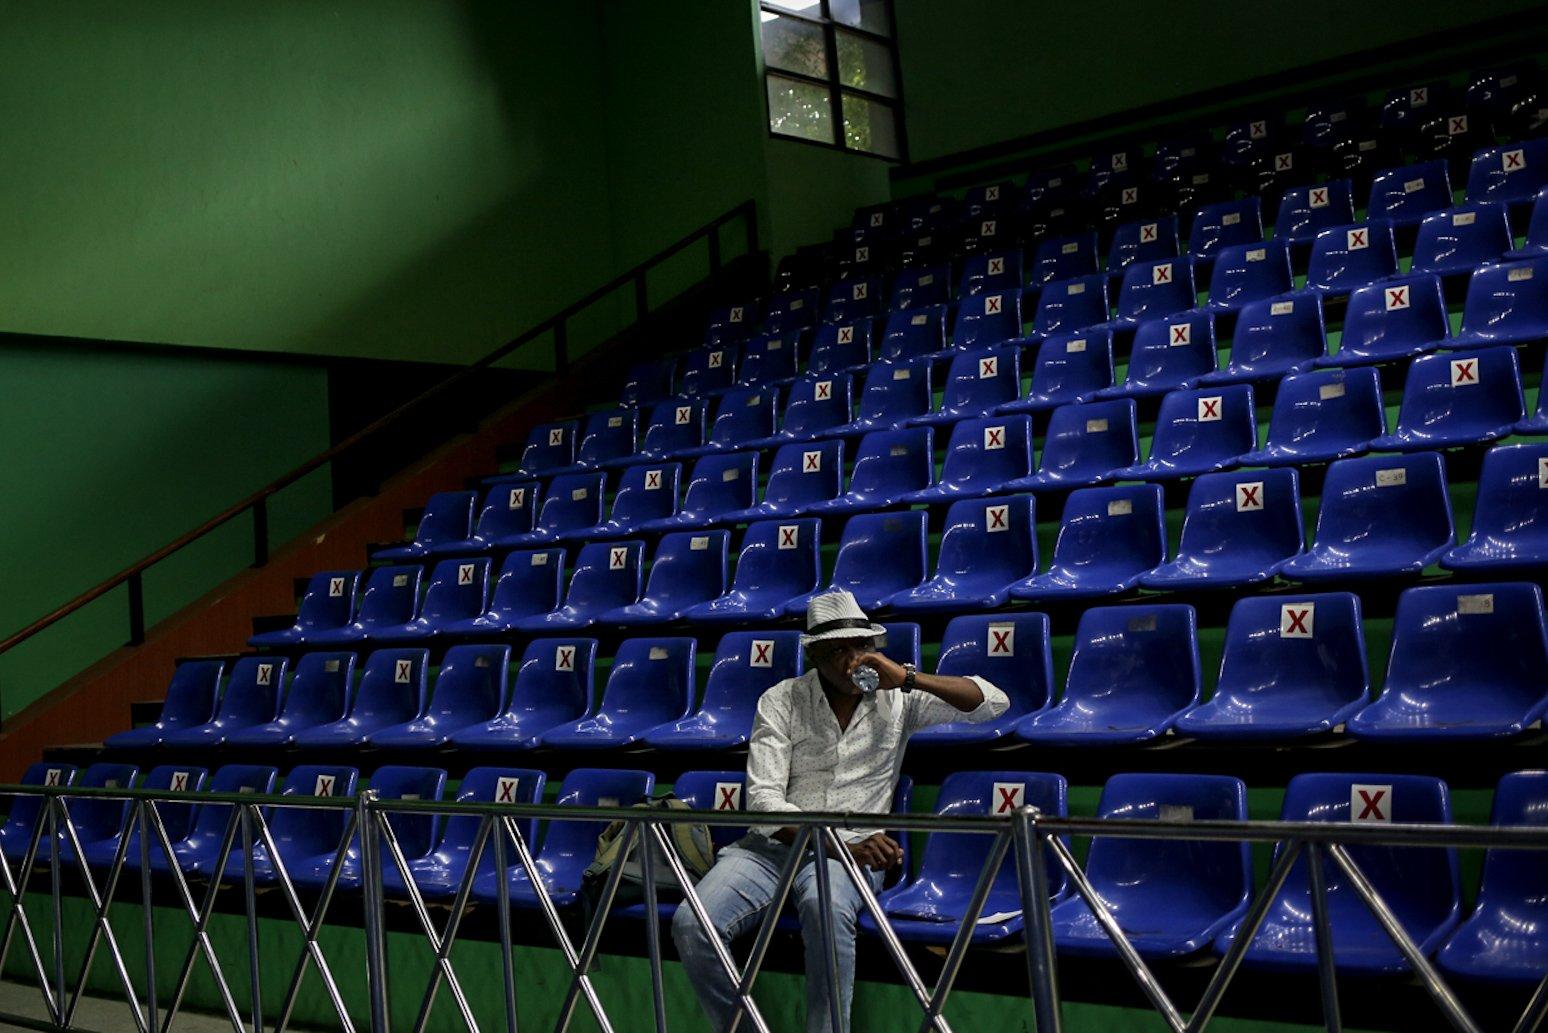 Pencari suaka duduk mengantre saat mengikuti vaksinasi COVID-19 di GOR Bulungan, Jakarta Selatan, Kamis (7/10/2021). Vaksinasi tersebut digelar atas kerja sama Pemprov DKI Jakarta, UNHCR dan Kadin Indonesia. \r\n\r\n